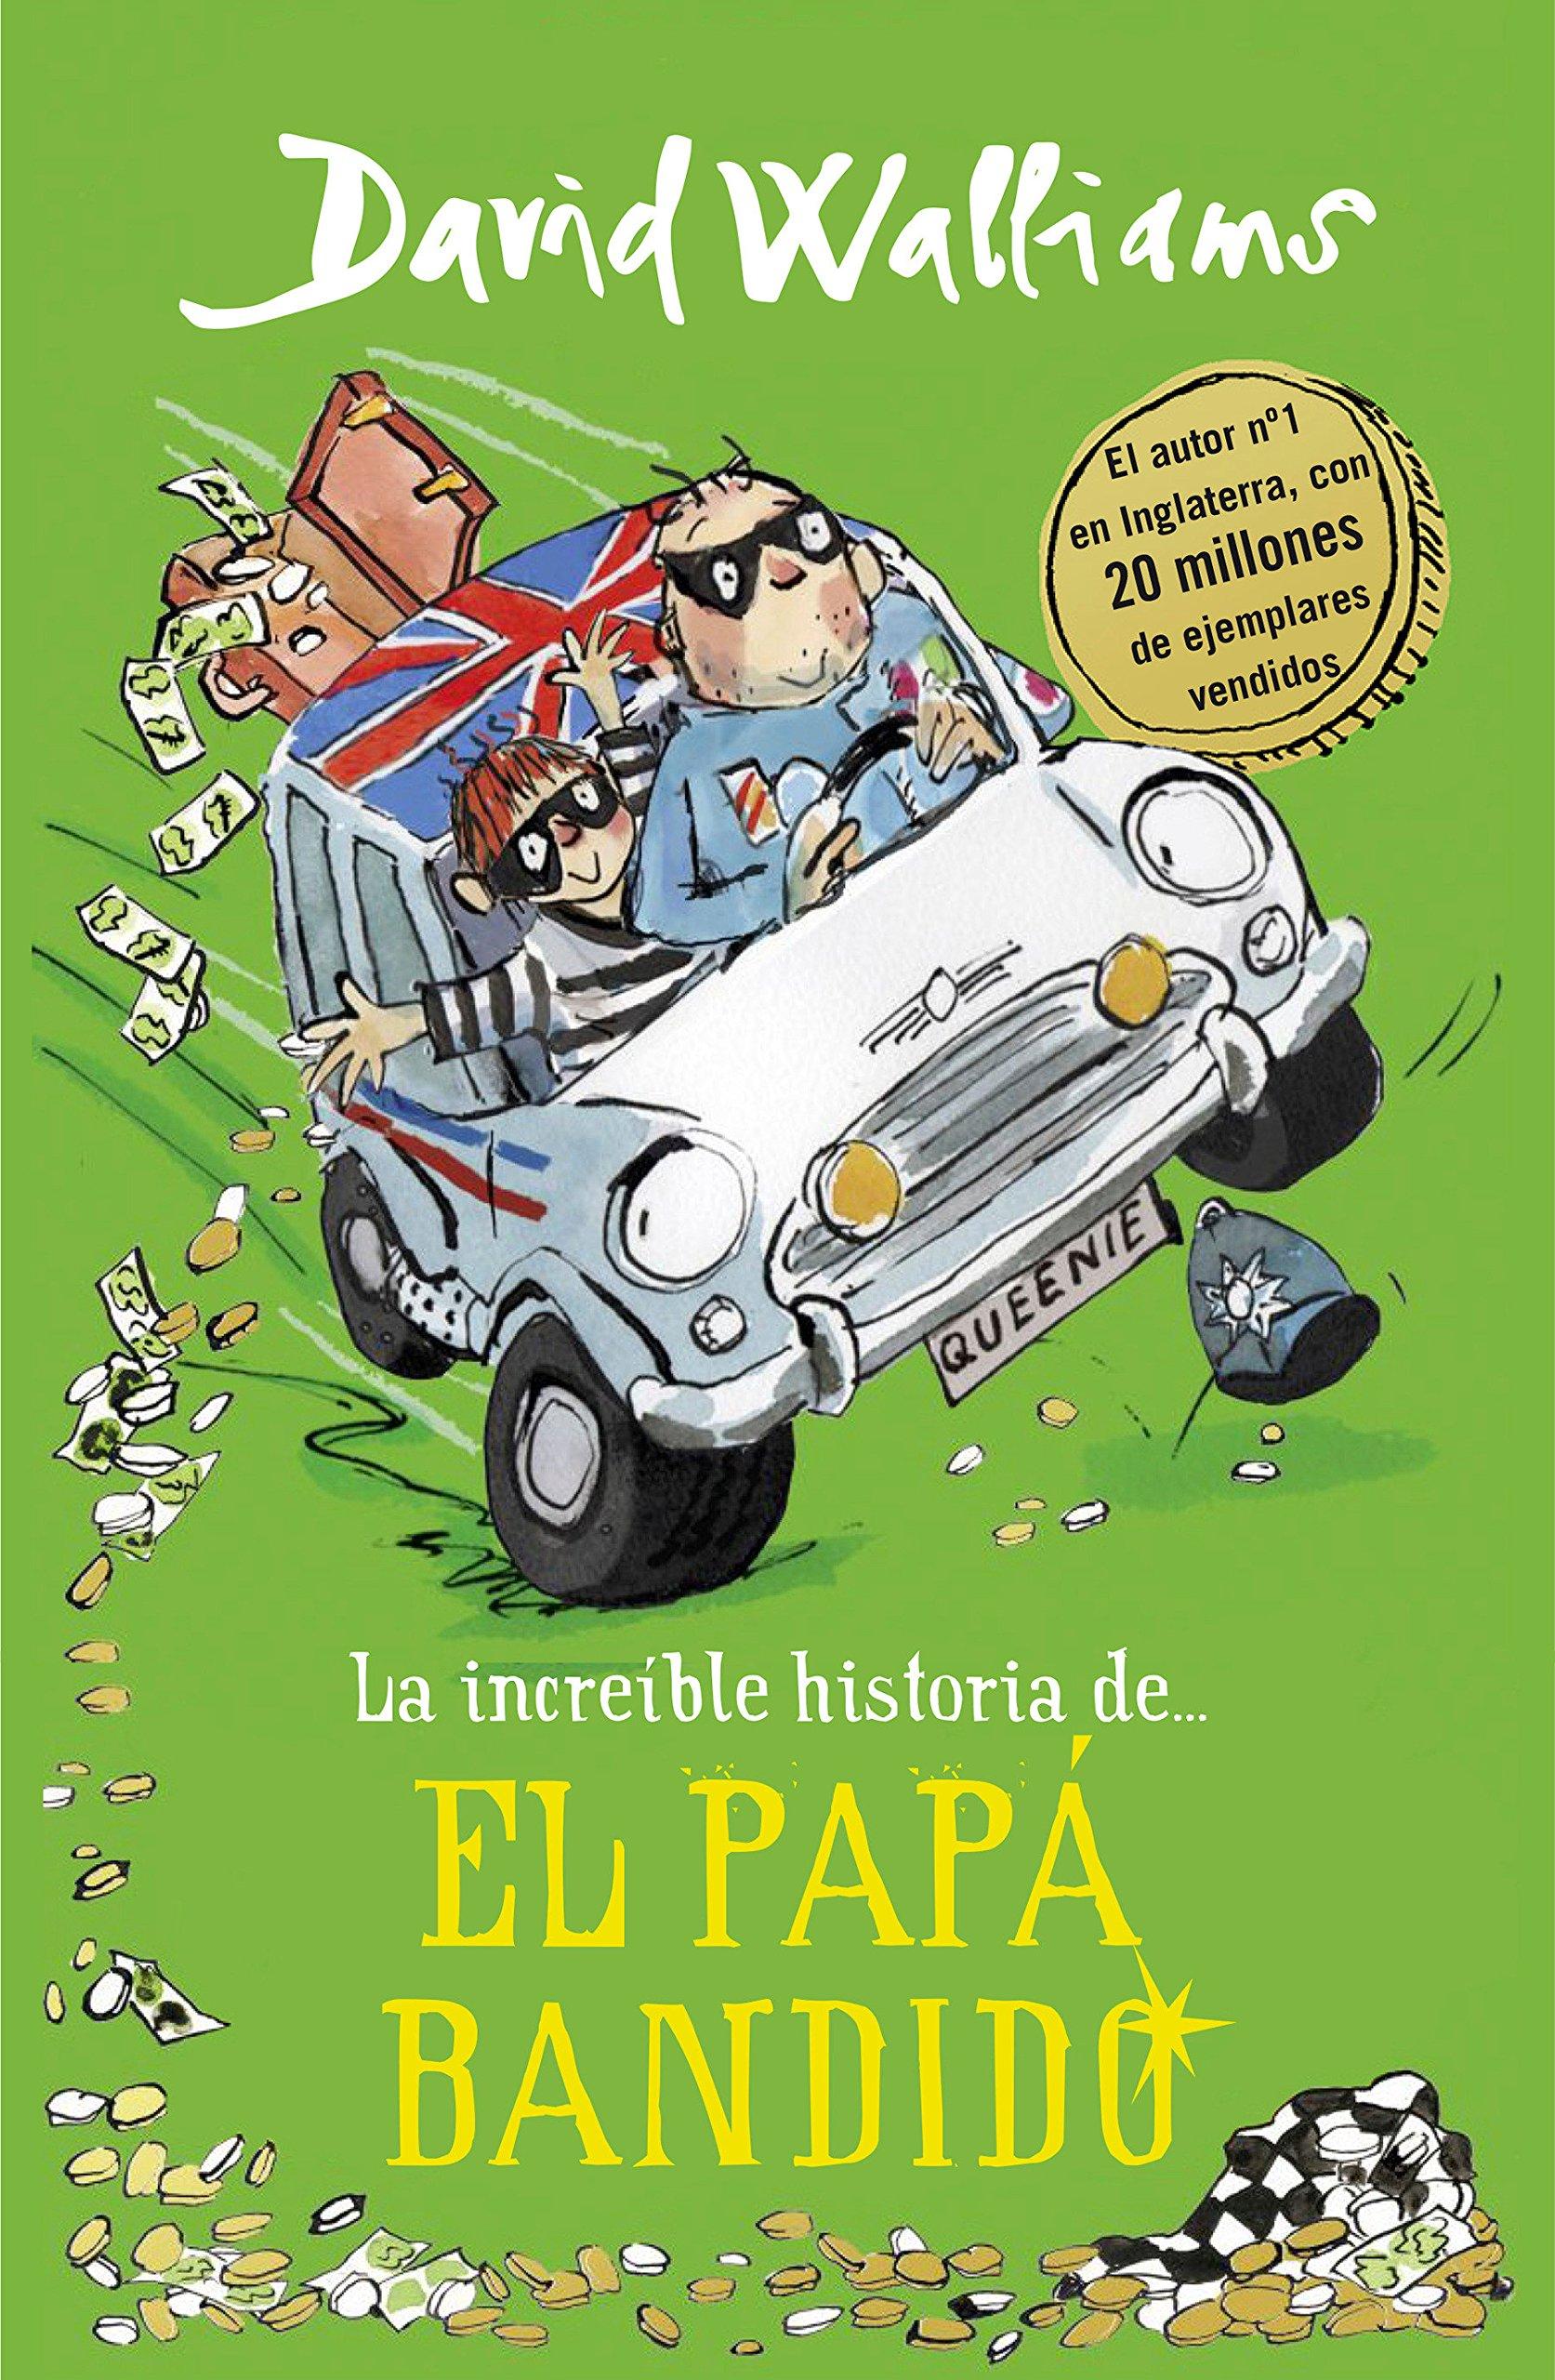 La increíble historia de... El papá bandido Colección David Walliams:  Amazon.es: David Walliams, ANA RITA DA COSTA GARCIA;: Libros